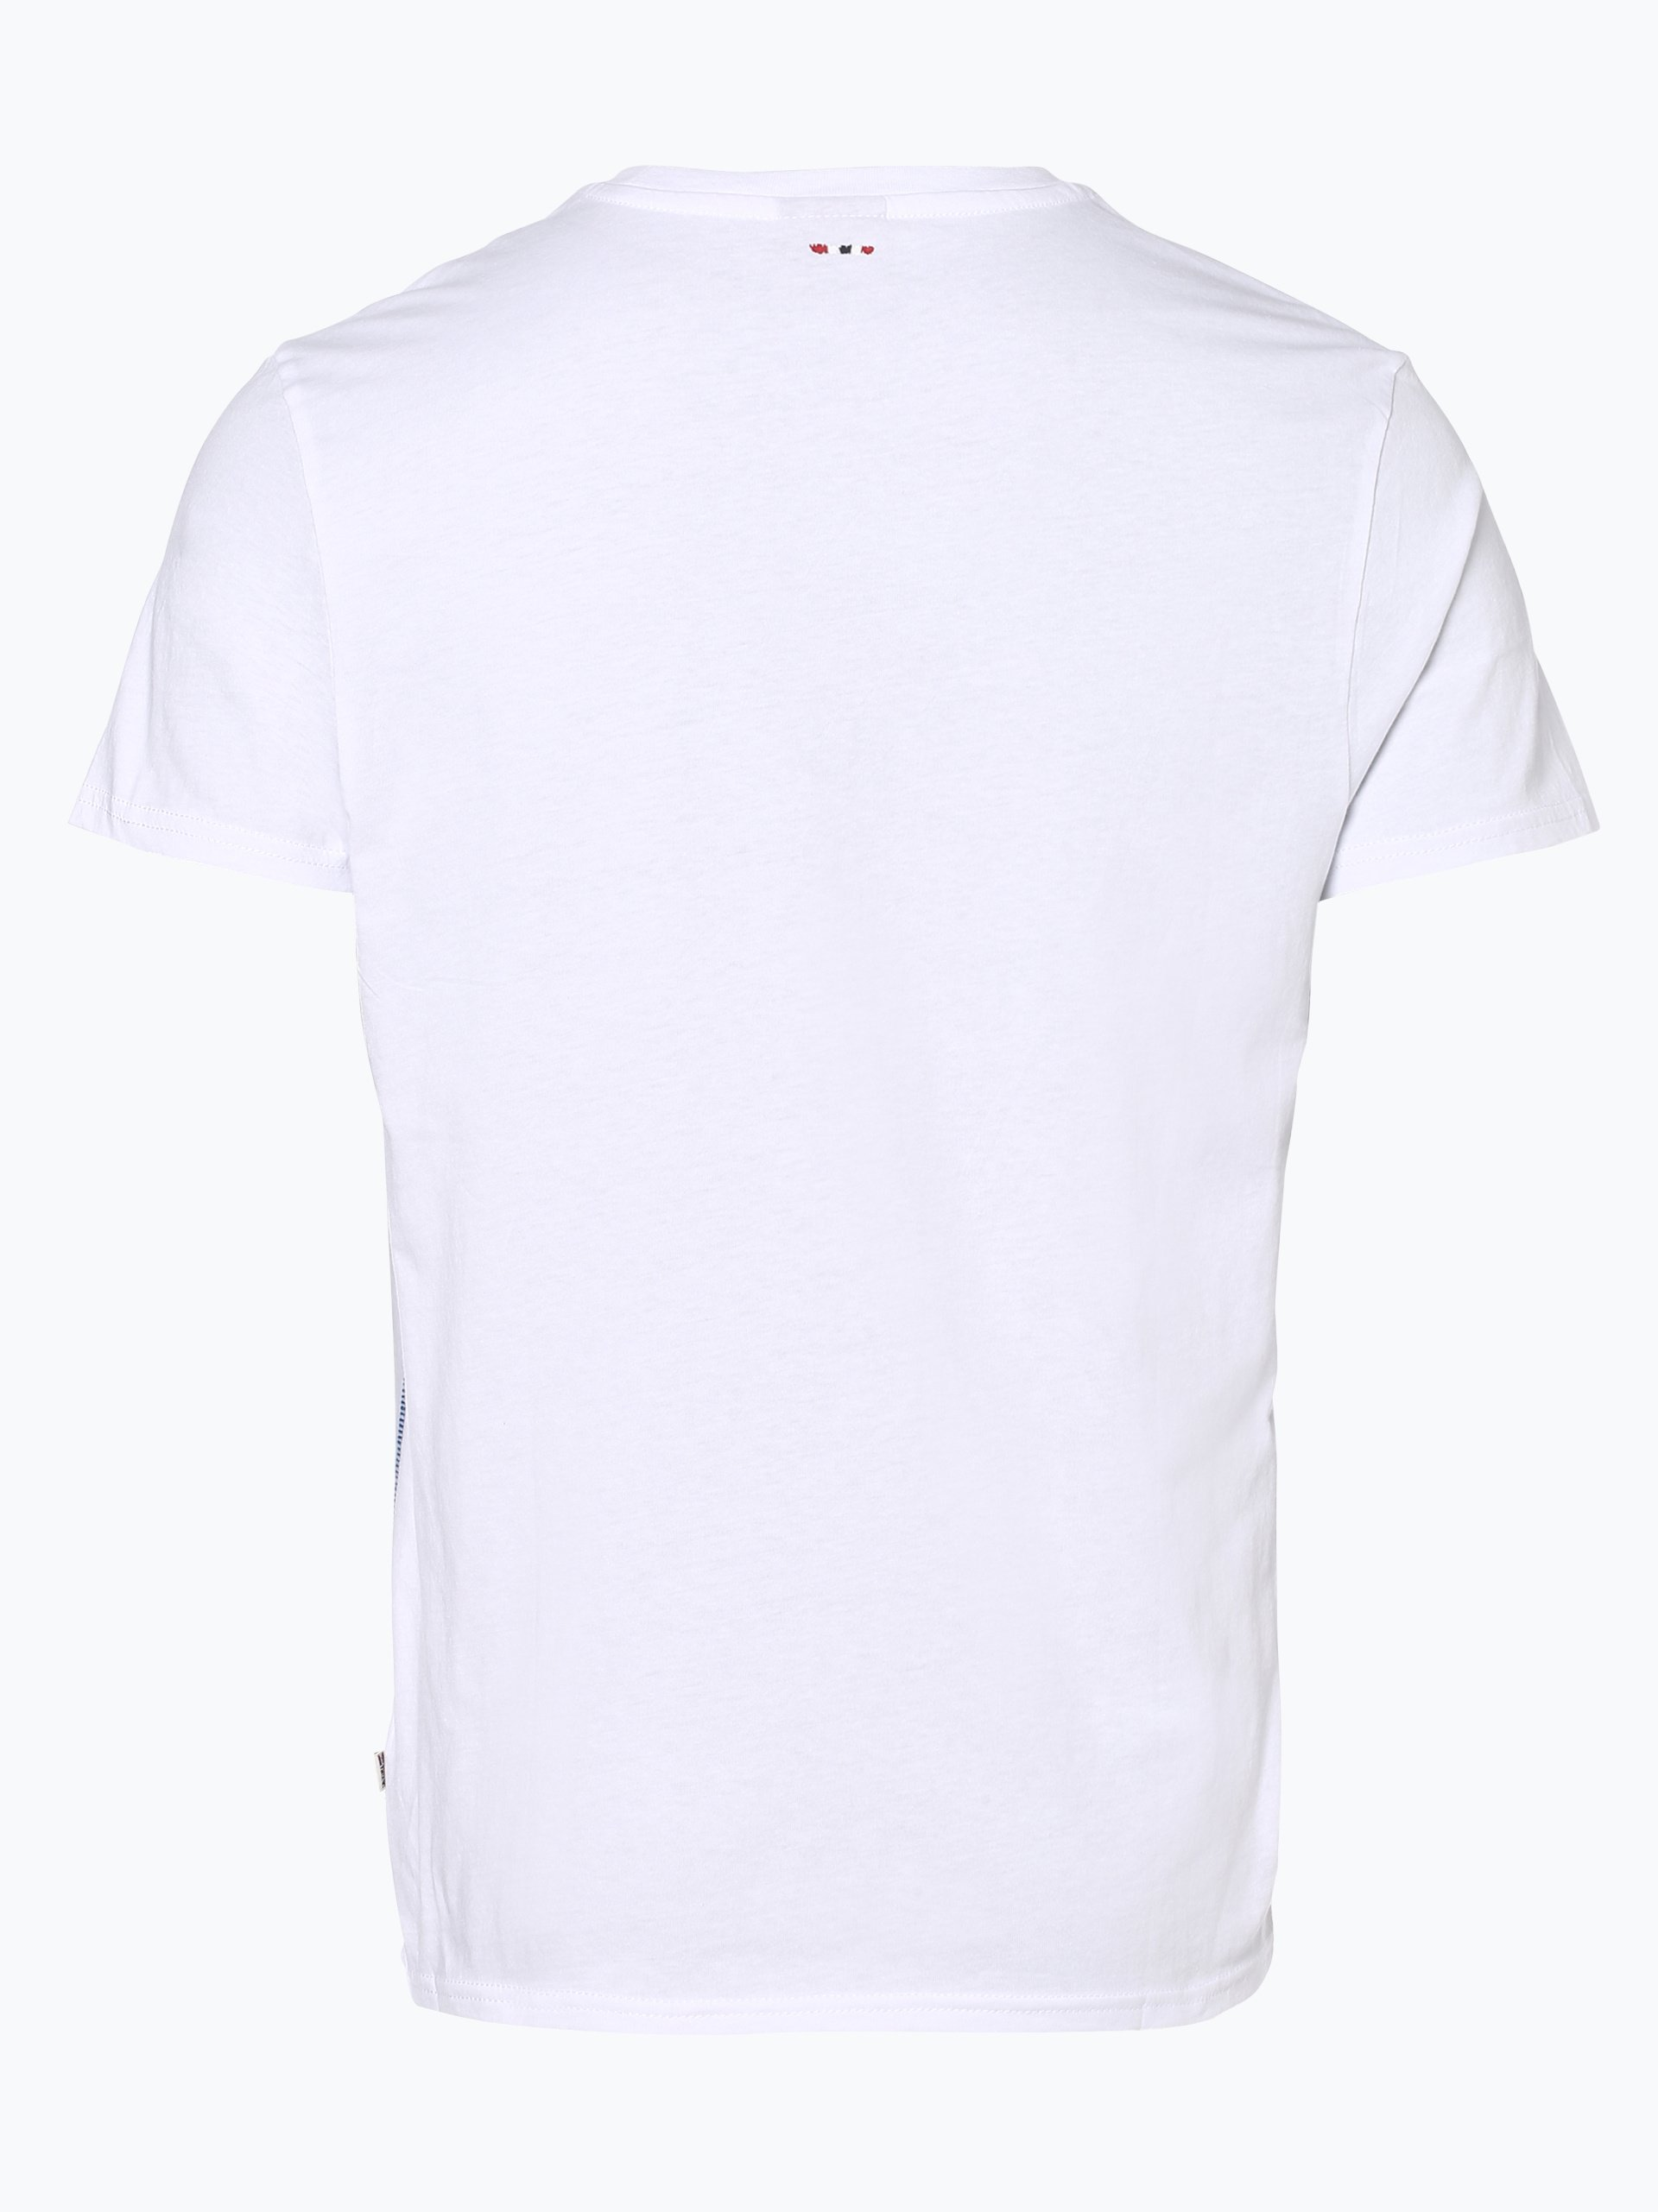 Napapijri Herren T-Shirt - Sancy